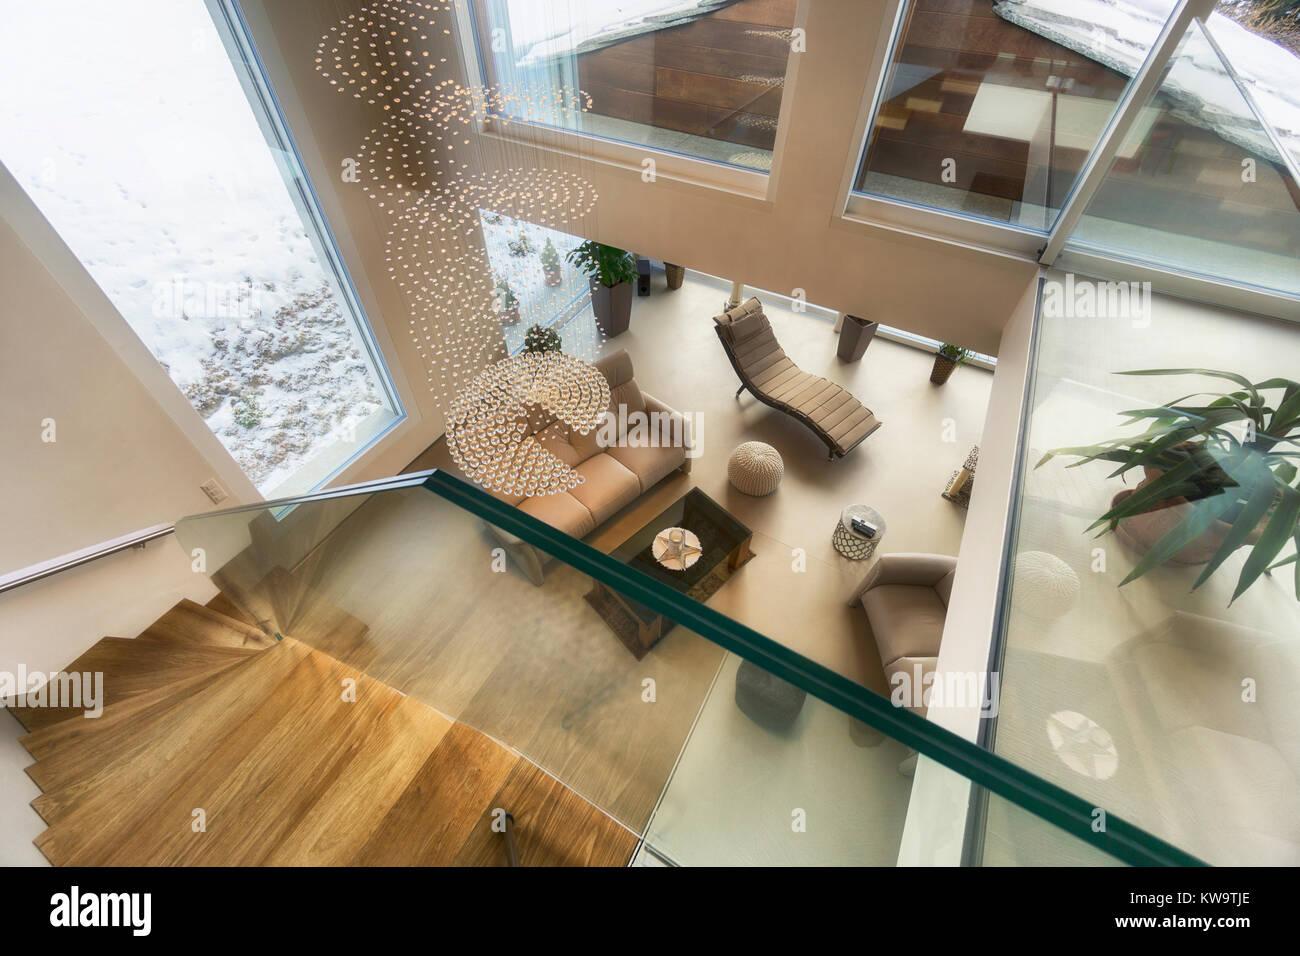 Salle de séjour de luxe chambre avec vue sur la montagne dans un design moderne Photo Stock